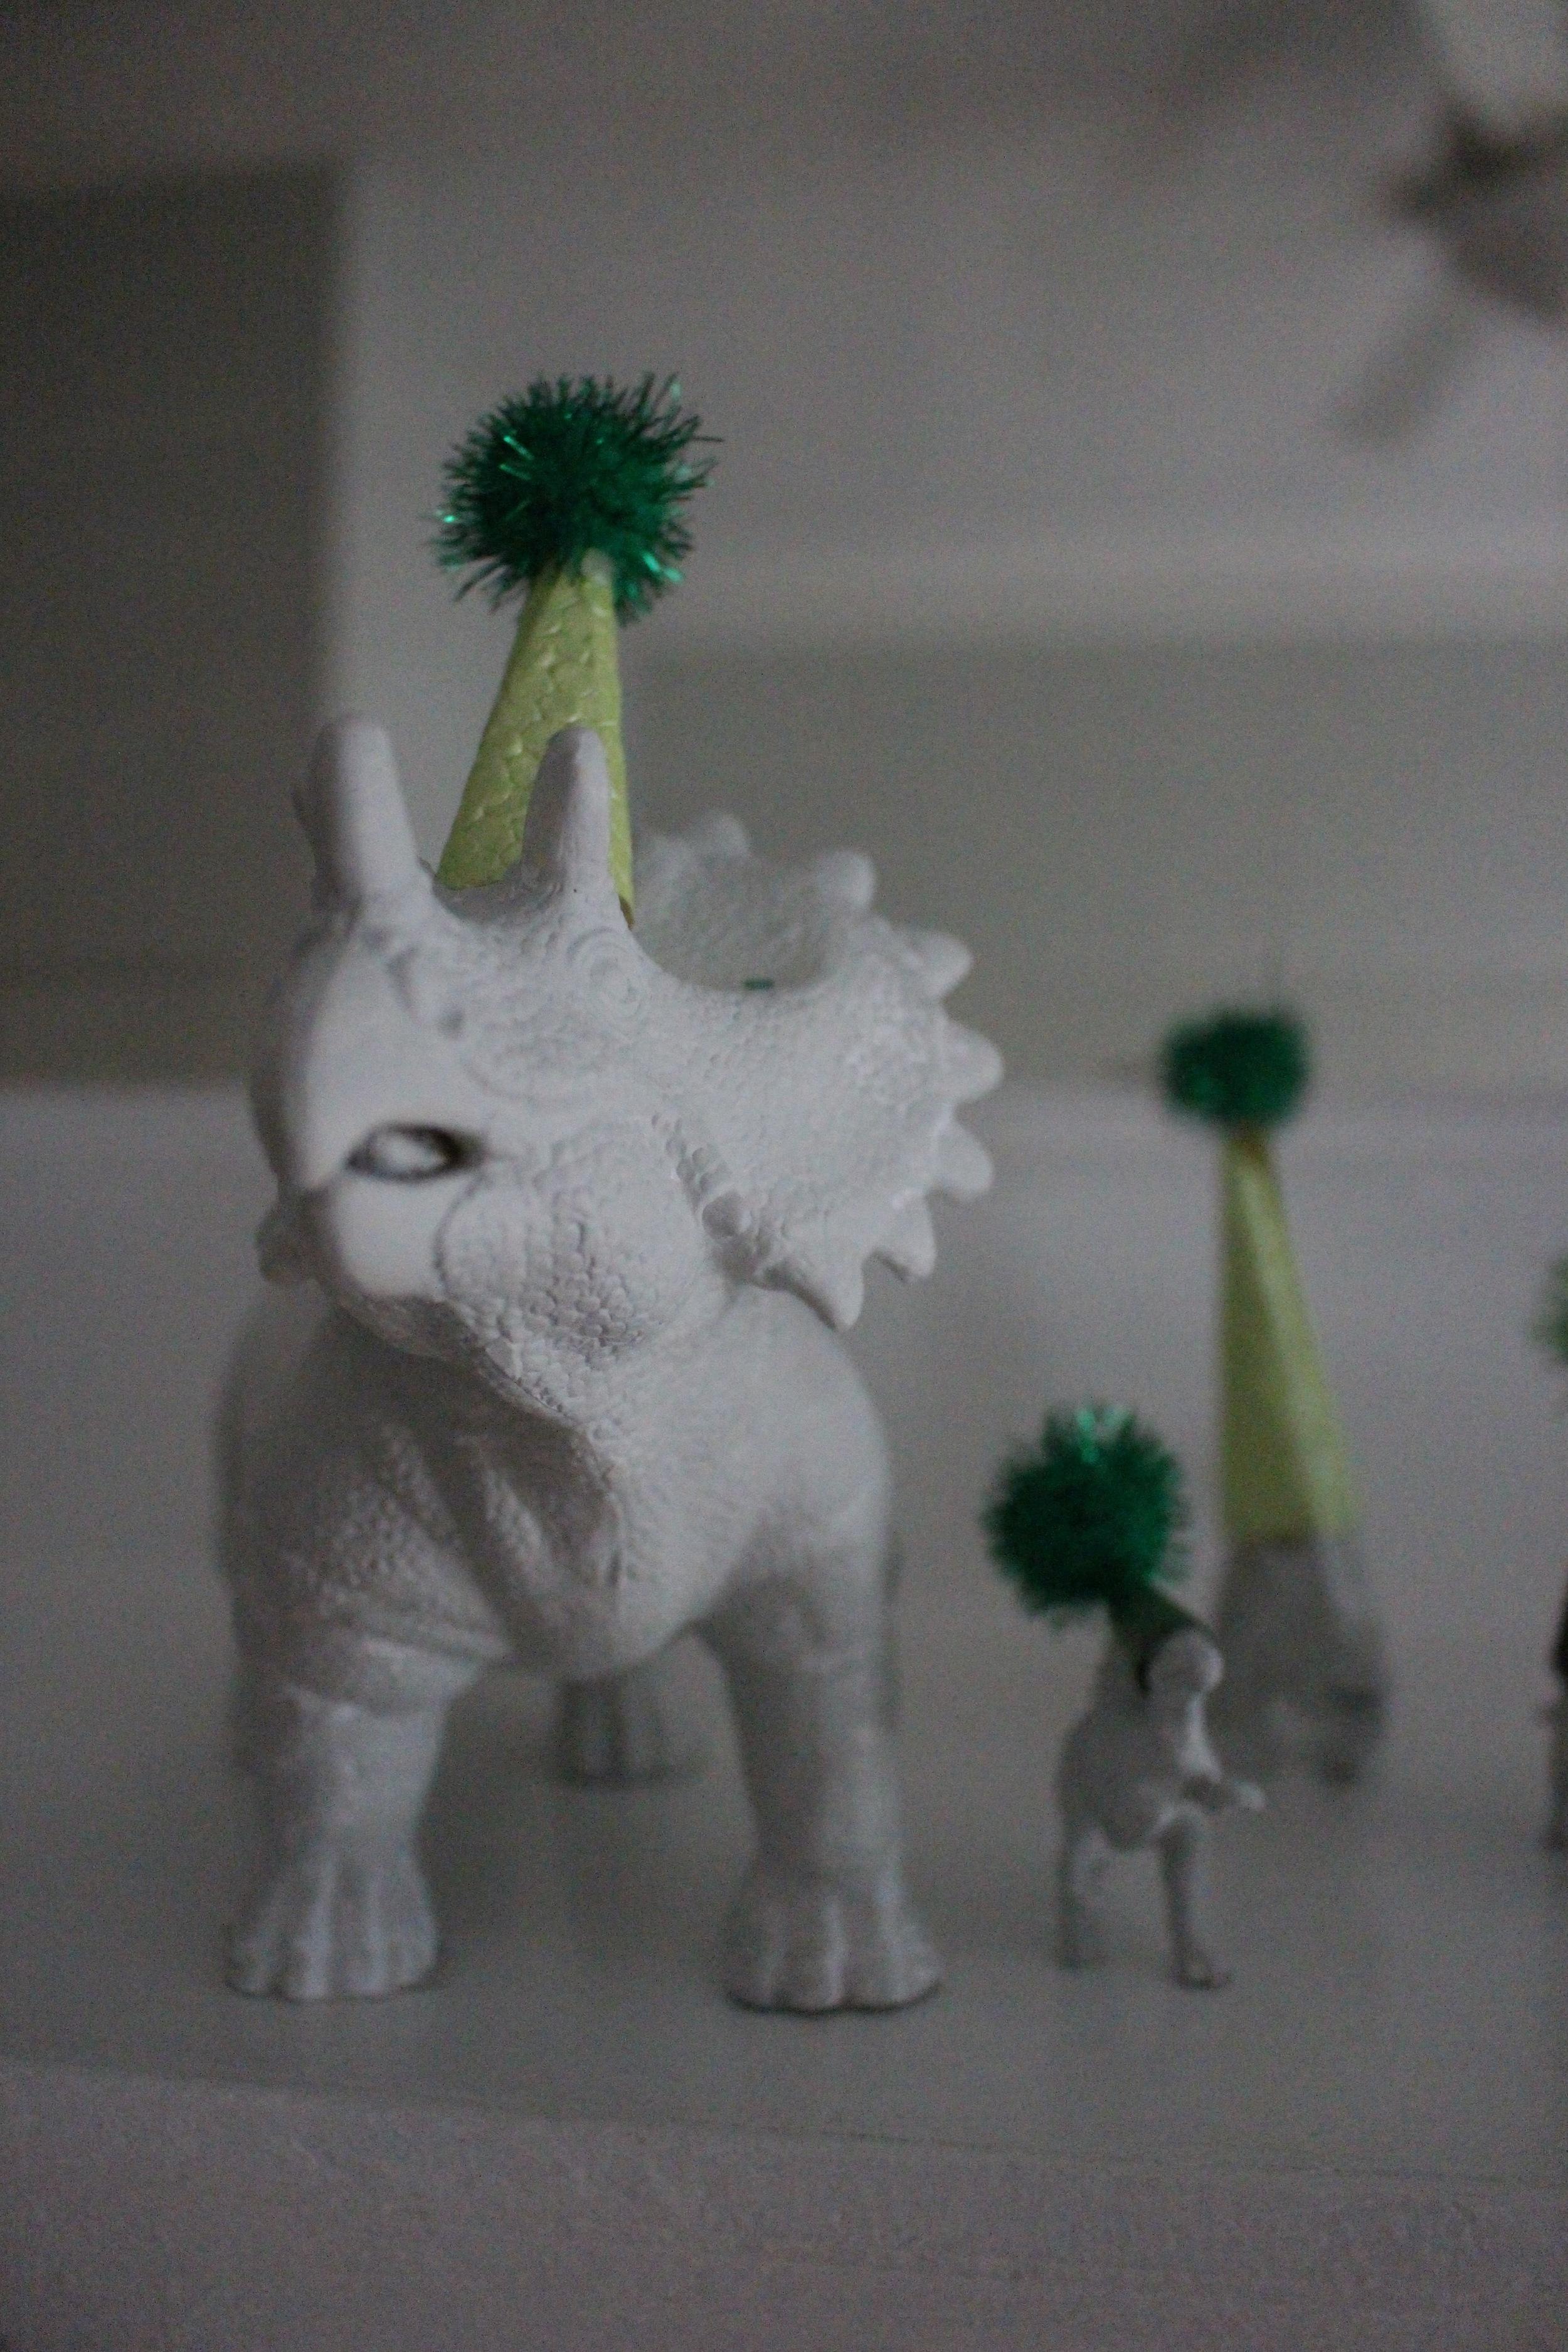 Roooooaaaaarrrrr. #Moderdino #dinosaurs #firstbirthday #dinobirthdayparty #kidsbirthday #meandthemoose